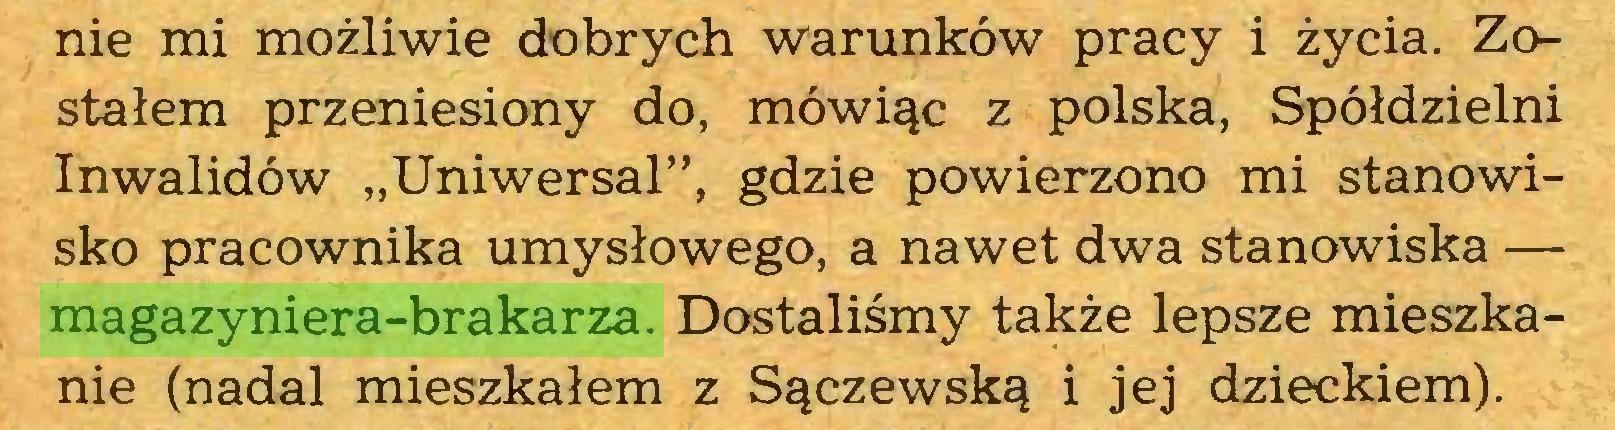 """(...) nie mi możliwie dobrych warunków pracy i życia. Zostałem przeniesiony do, mówiąc z polska, Spółdzielni Inwalidów """"Uniwersał"""", gdzie powierzono mi stanowisko pracownika umysłowego, a nawet dwa stanowiska — magazyniera-brakarza. Dostaliśmy także lepsze mieszkanie (nadal mieszkałem z Sączewską i jej dzieckiem)..."""